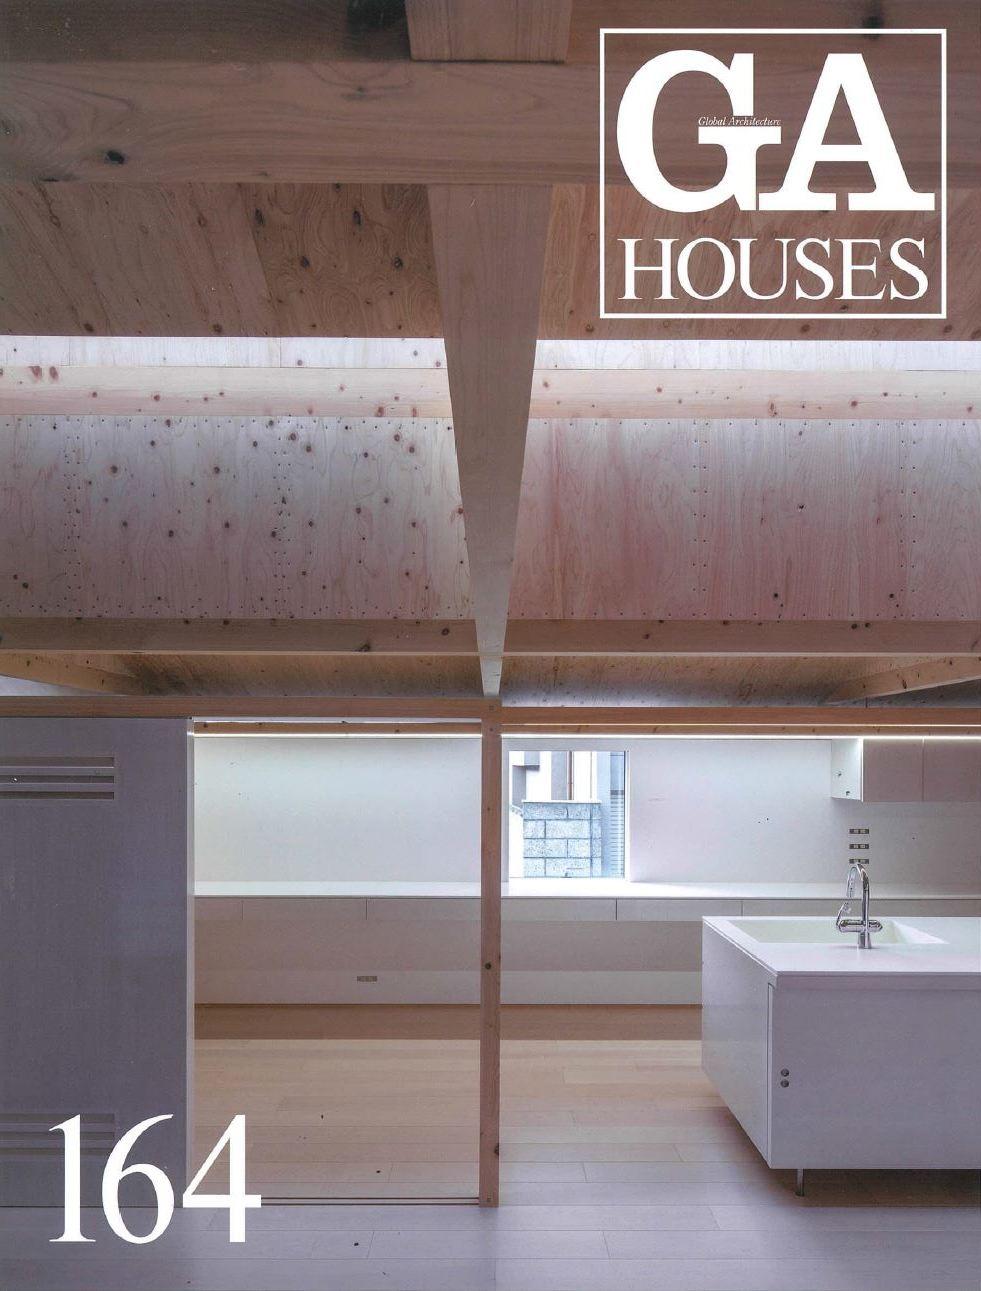 GA Houses 164.JPG